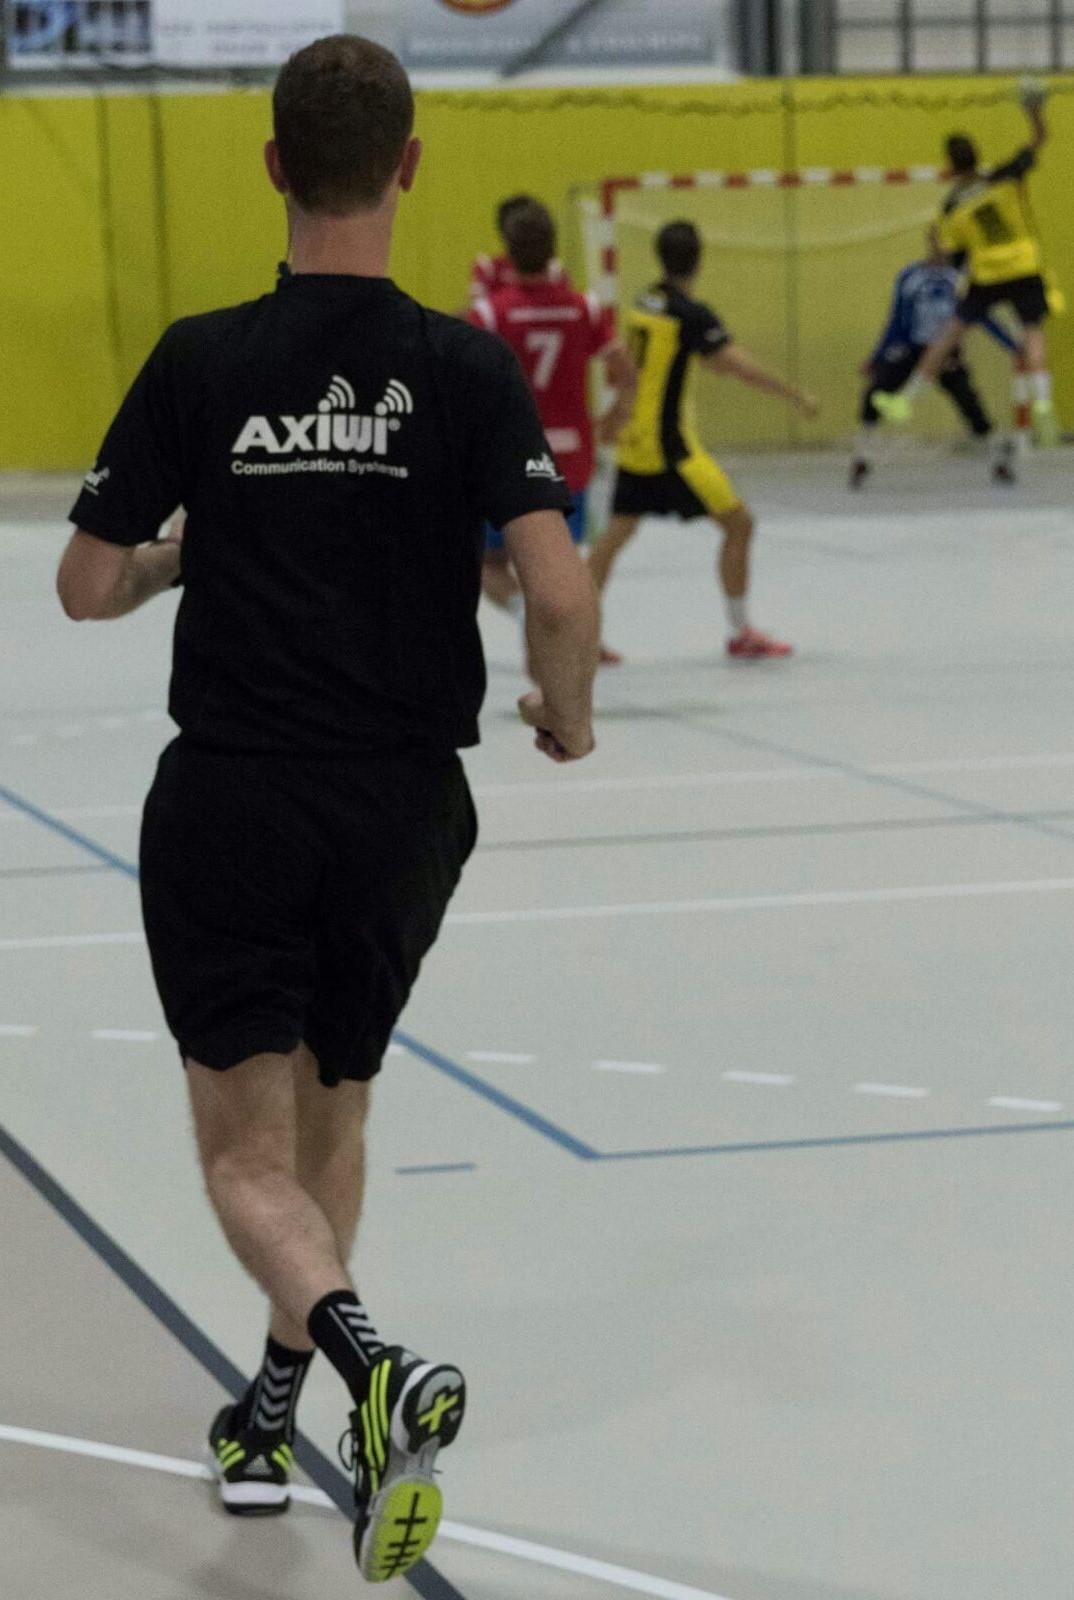 /wireless-communication-system-referee-handball-axiwi